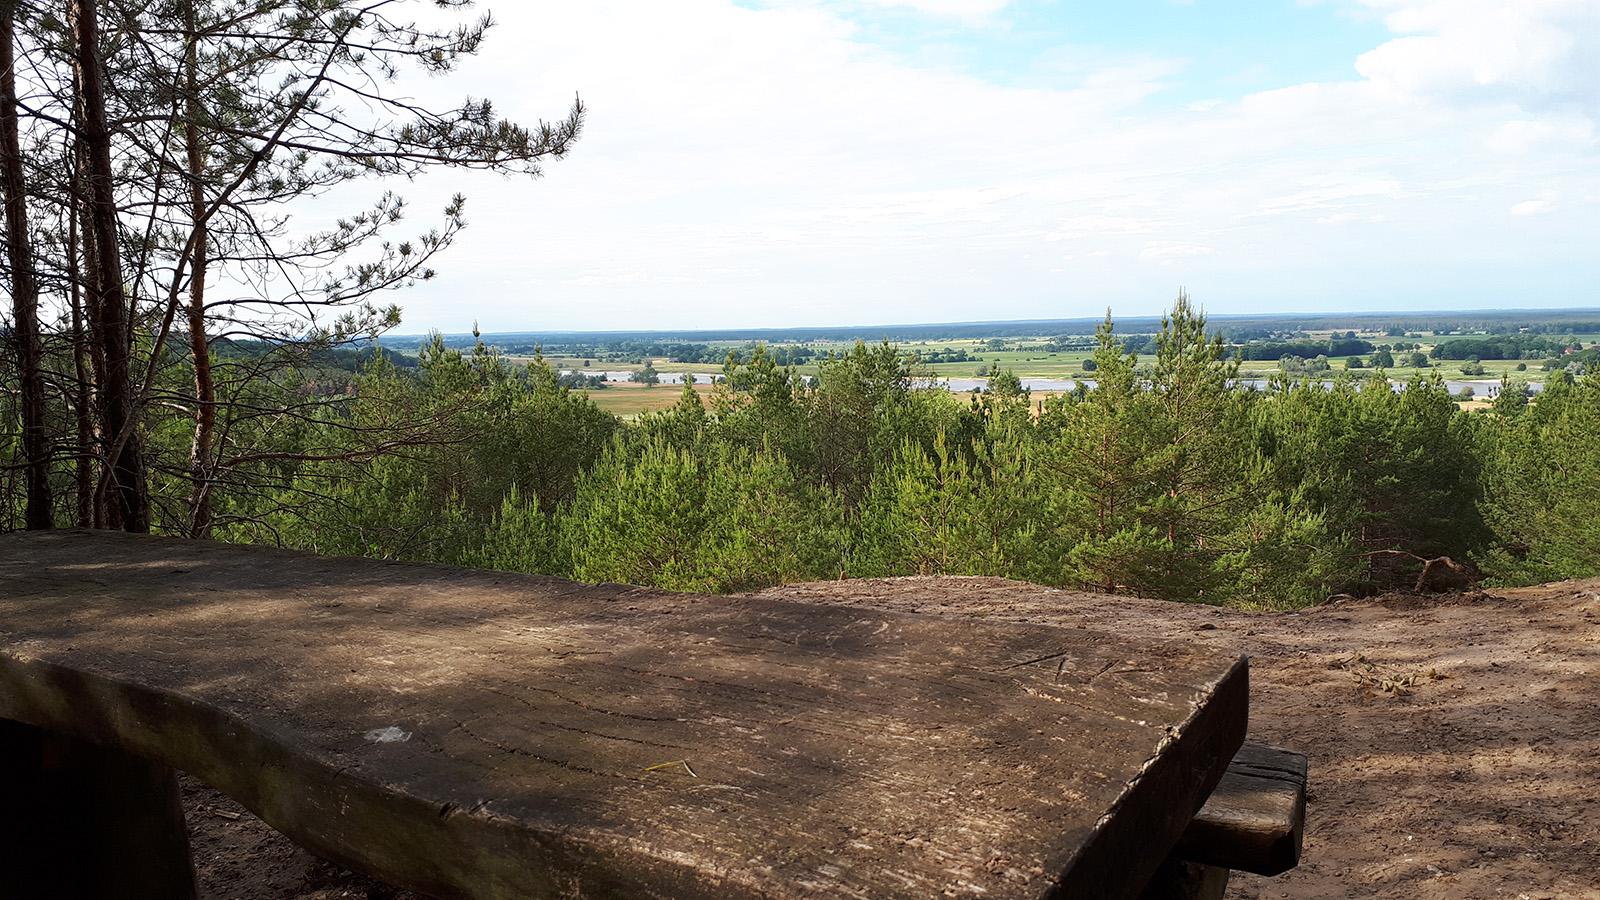 Blick von einem Hügel auf die Elbe